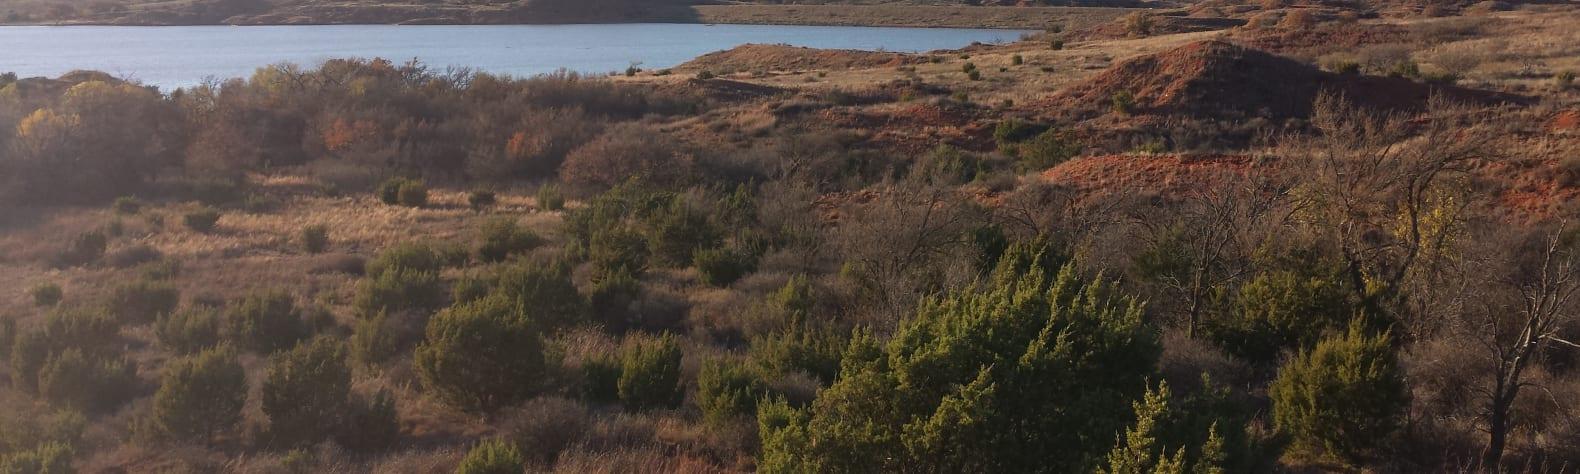 Black Kettle National Grassland